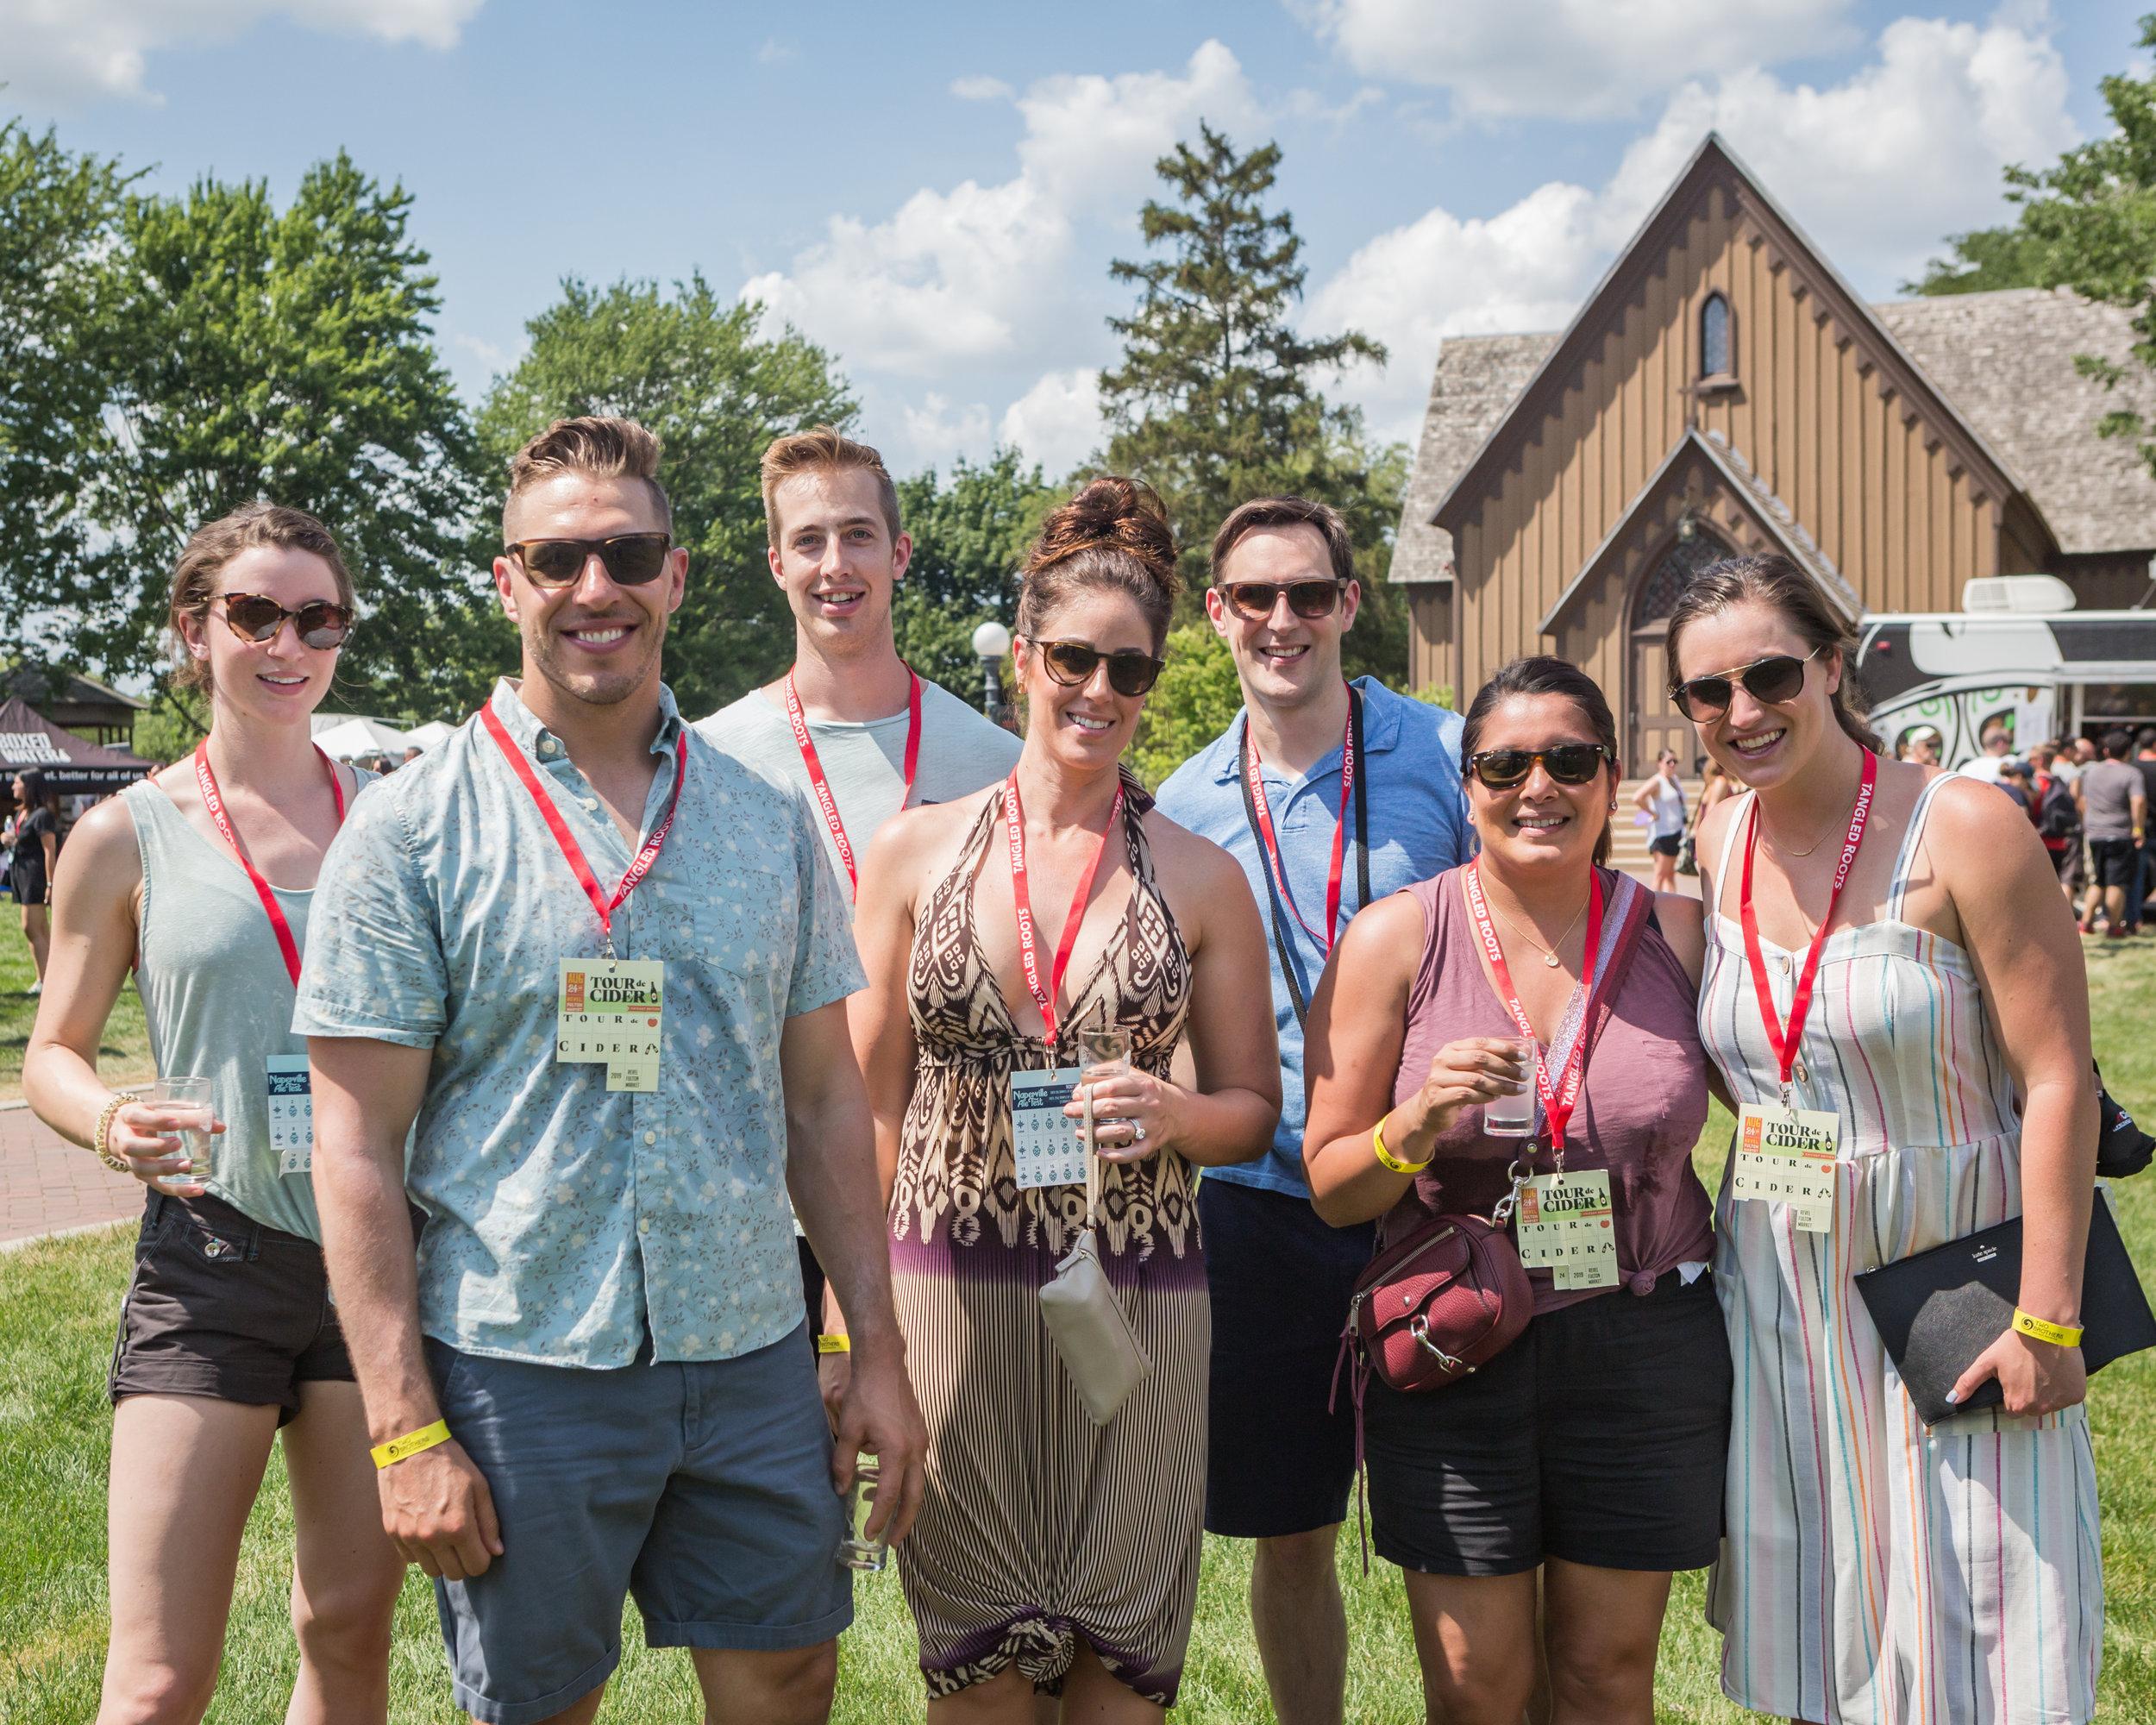 - 2019 Naperville Ale Fest - Summer